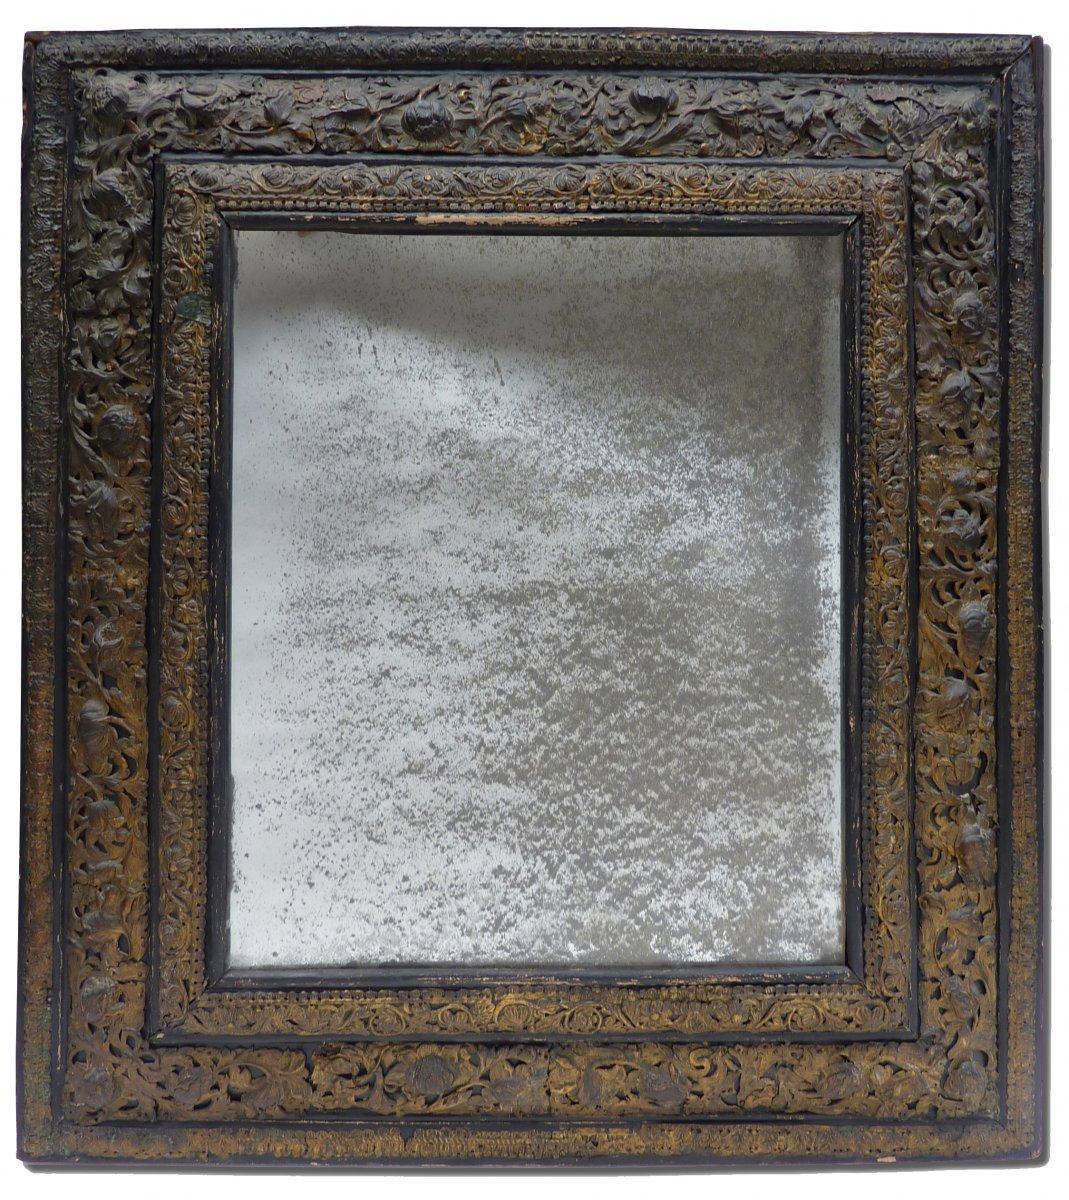 Miroir d 39 poque louis xiv orn de plaques en laiton for Miroir louis xiv